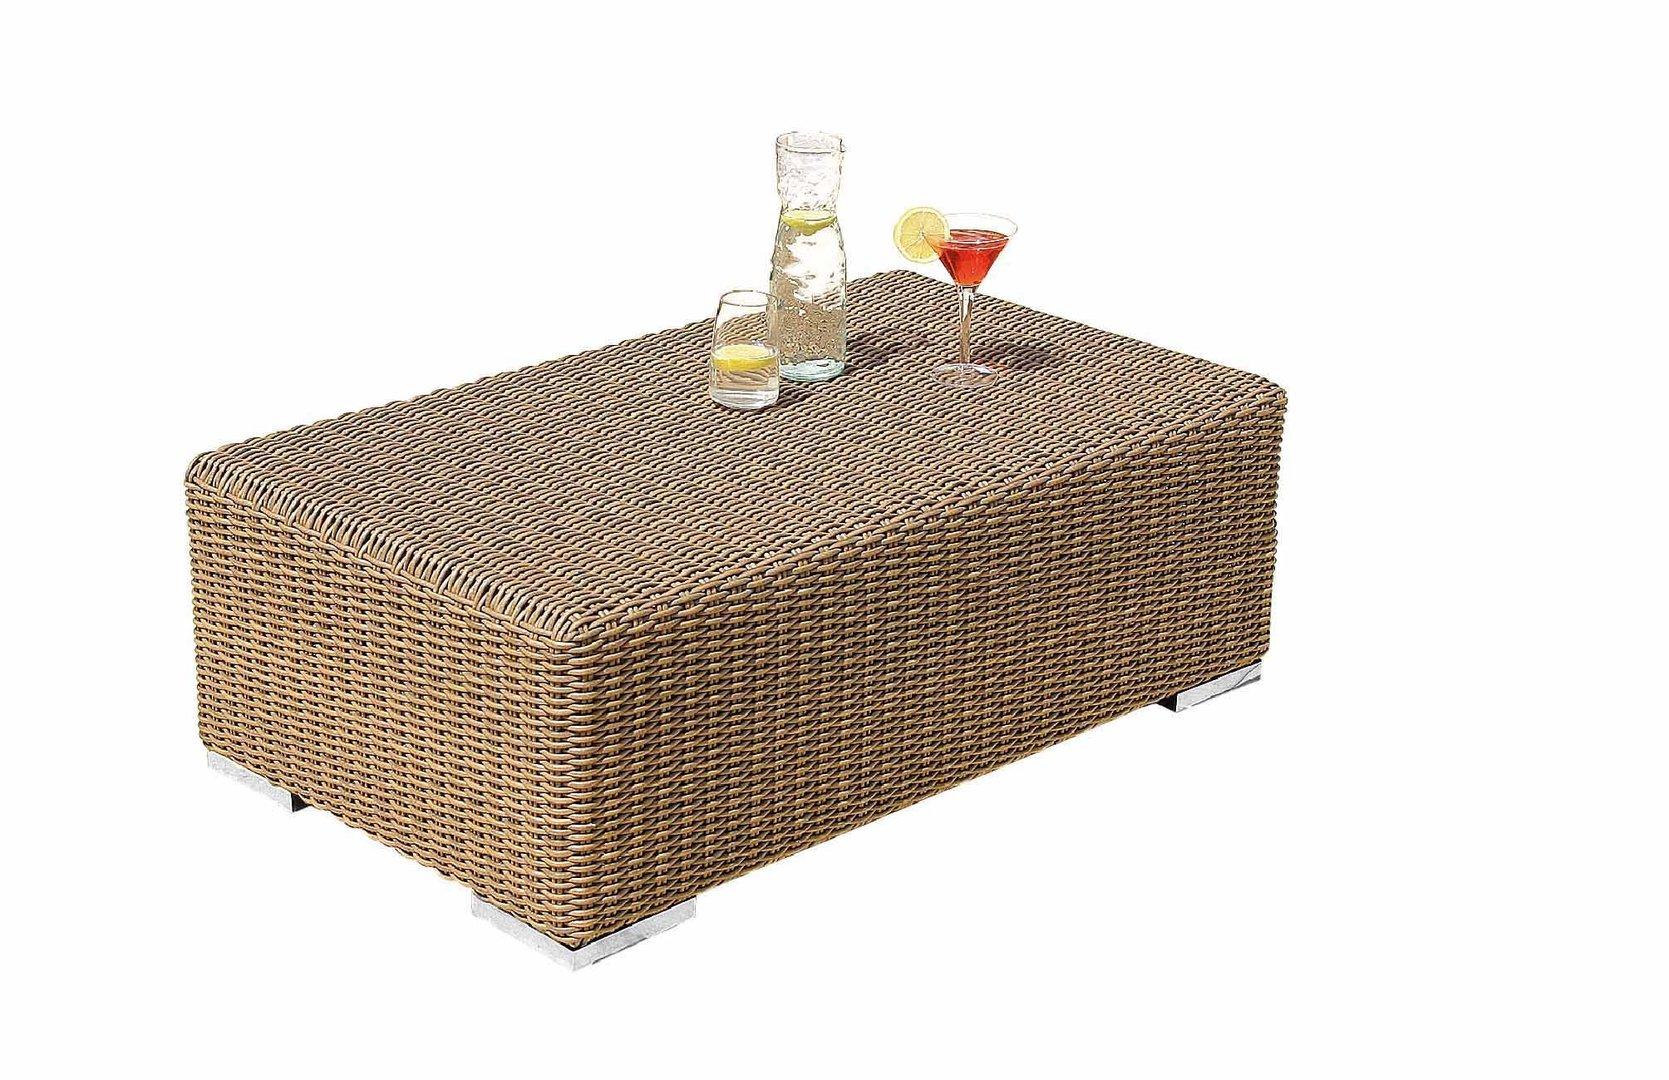 Tavolino da esterno rattan sintetico mobili provenzali on line - Mobili da giardino on line ...